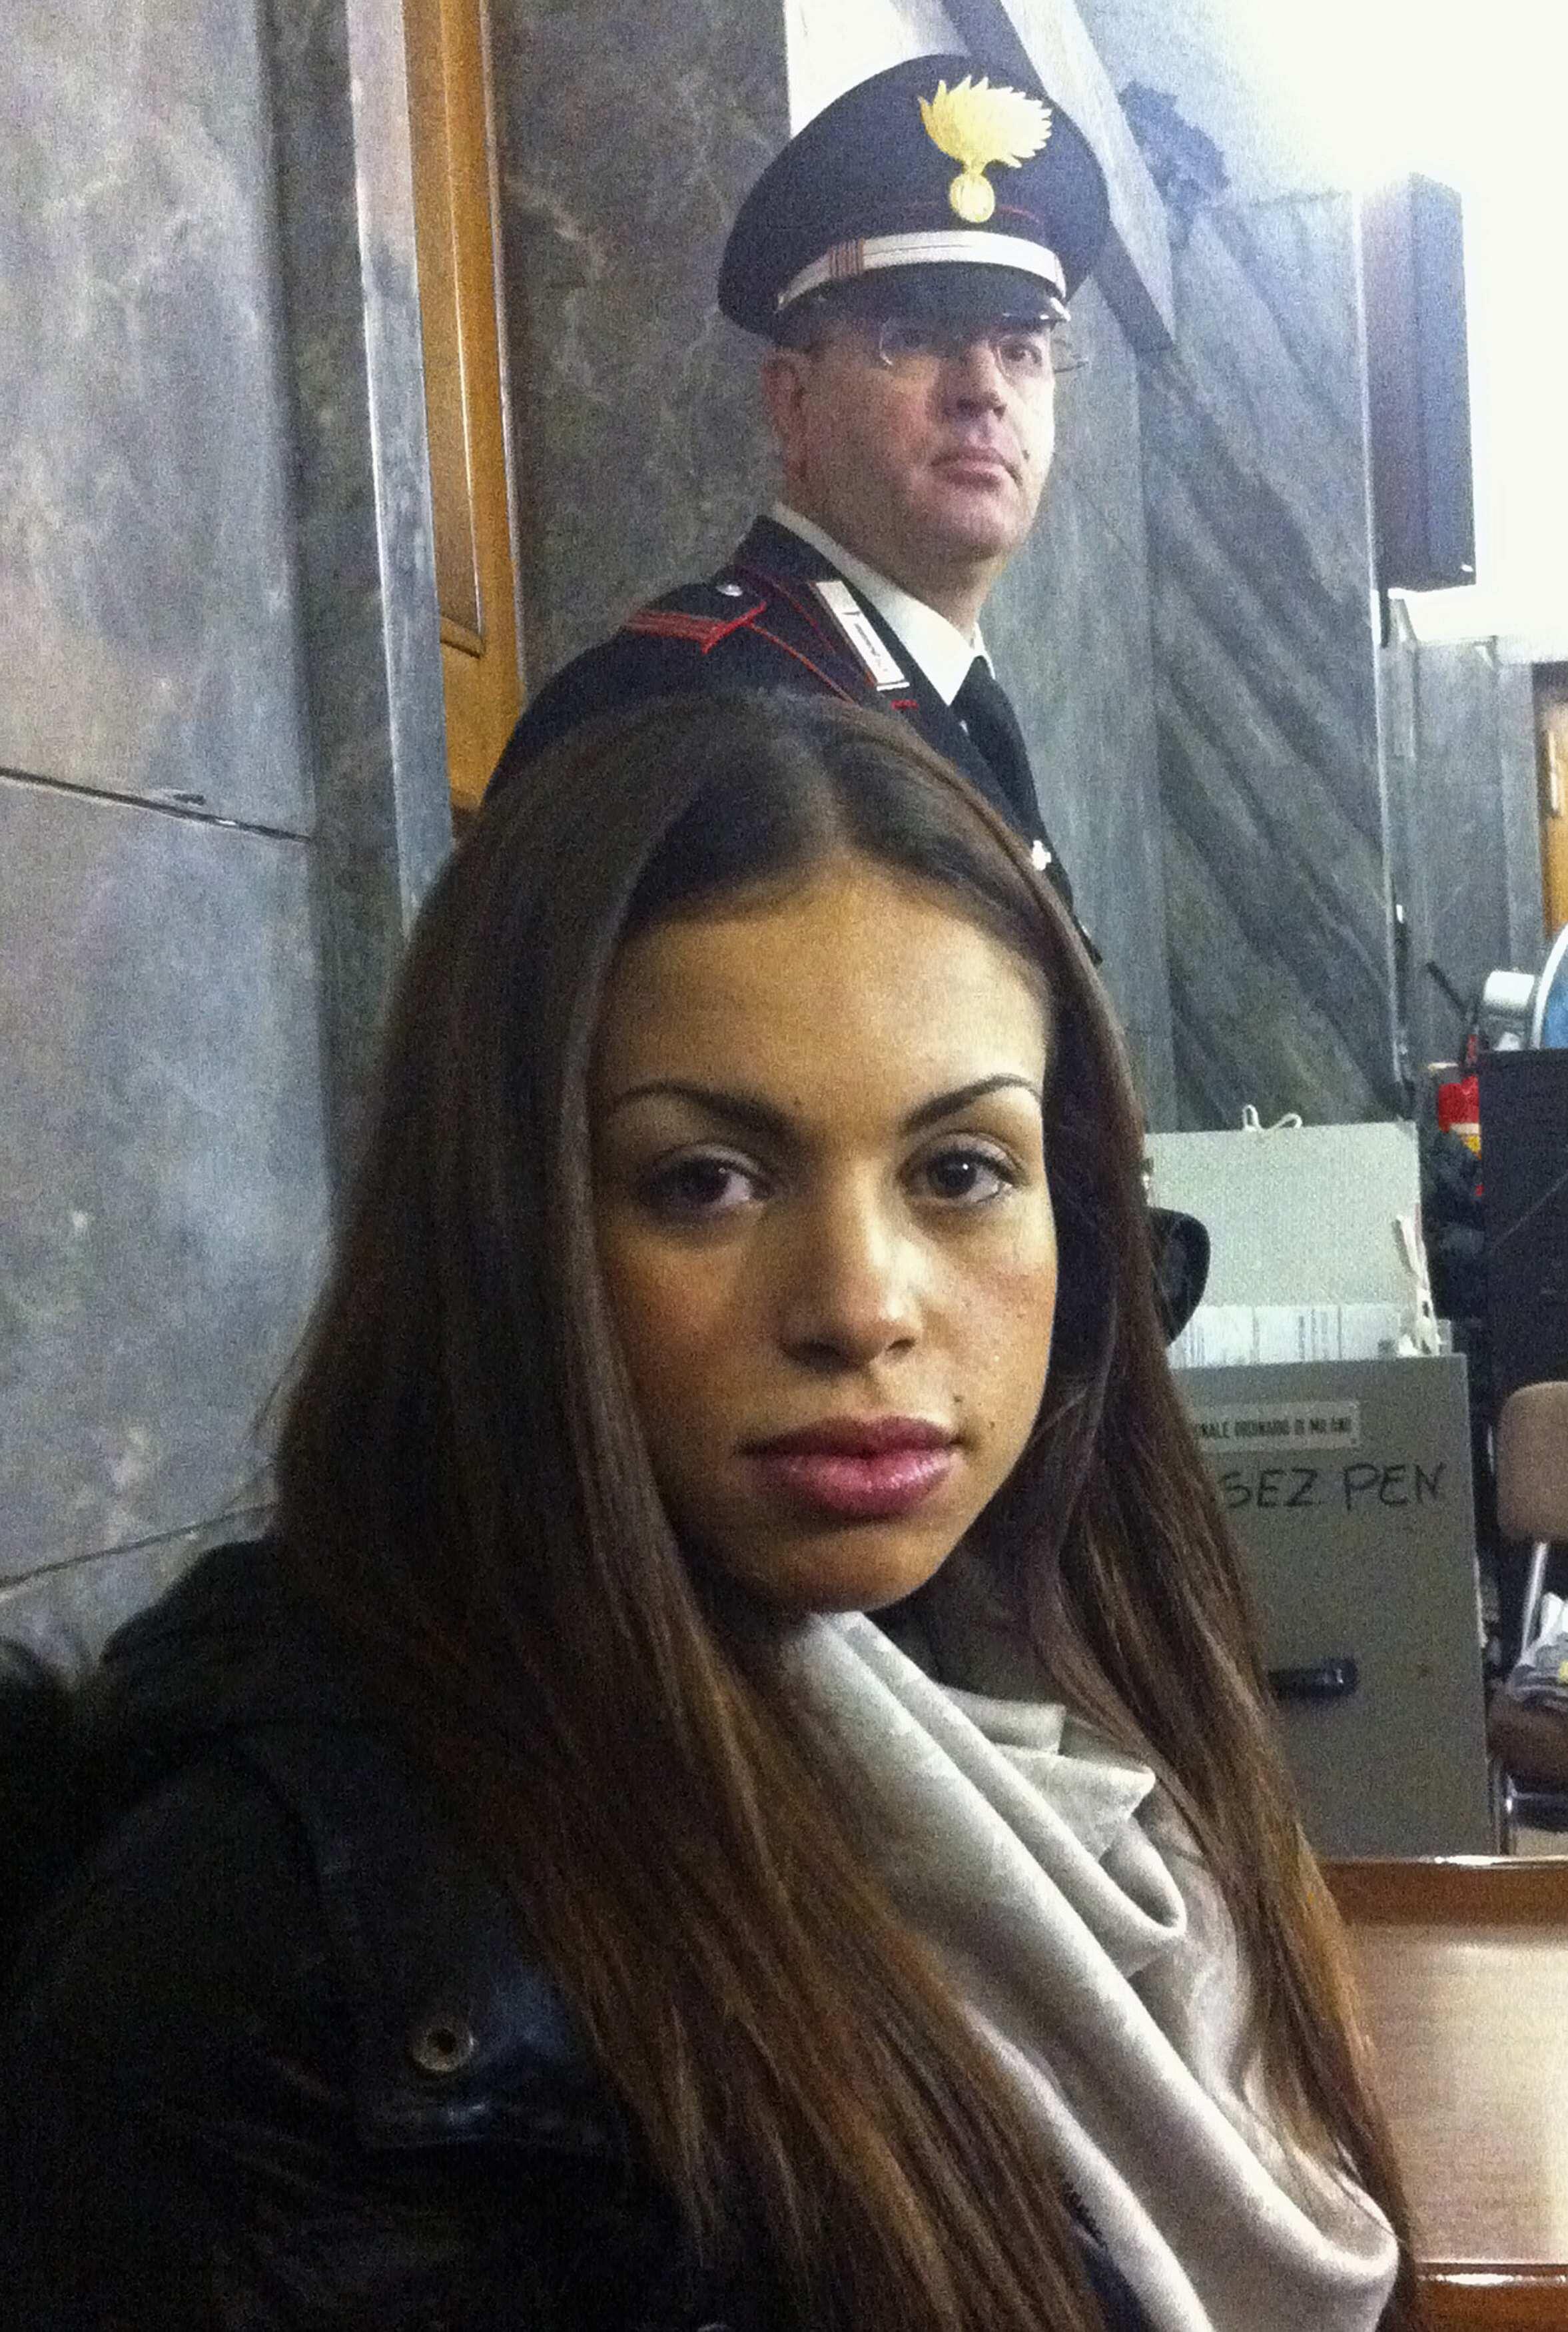 Karima El Mahroug, más conocida como Ruby, tuvo relaciones con Silvio Berlusconi cuando ella era menor de edad.